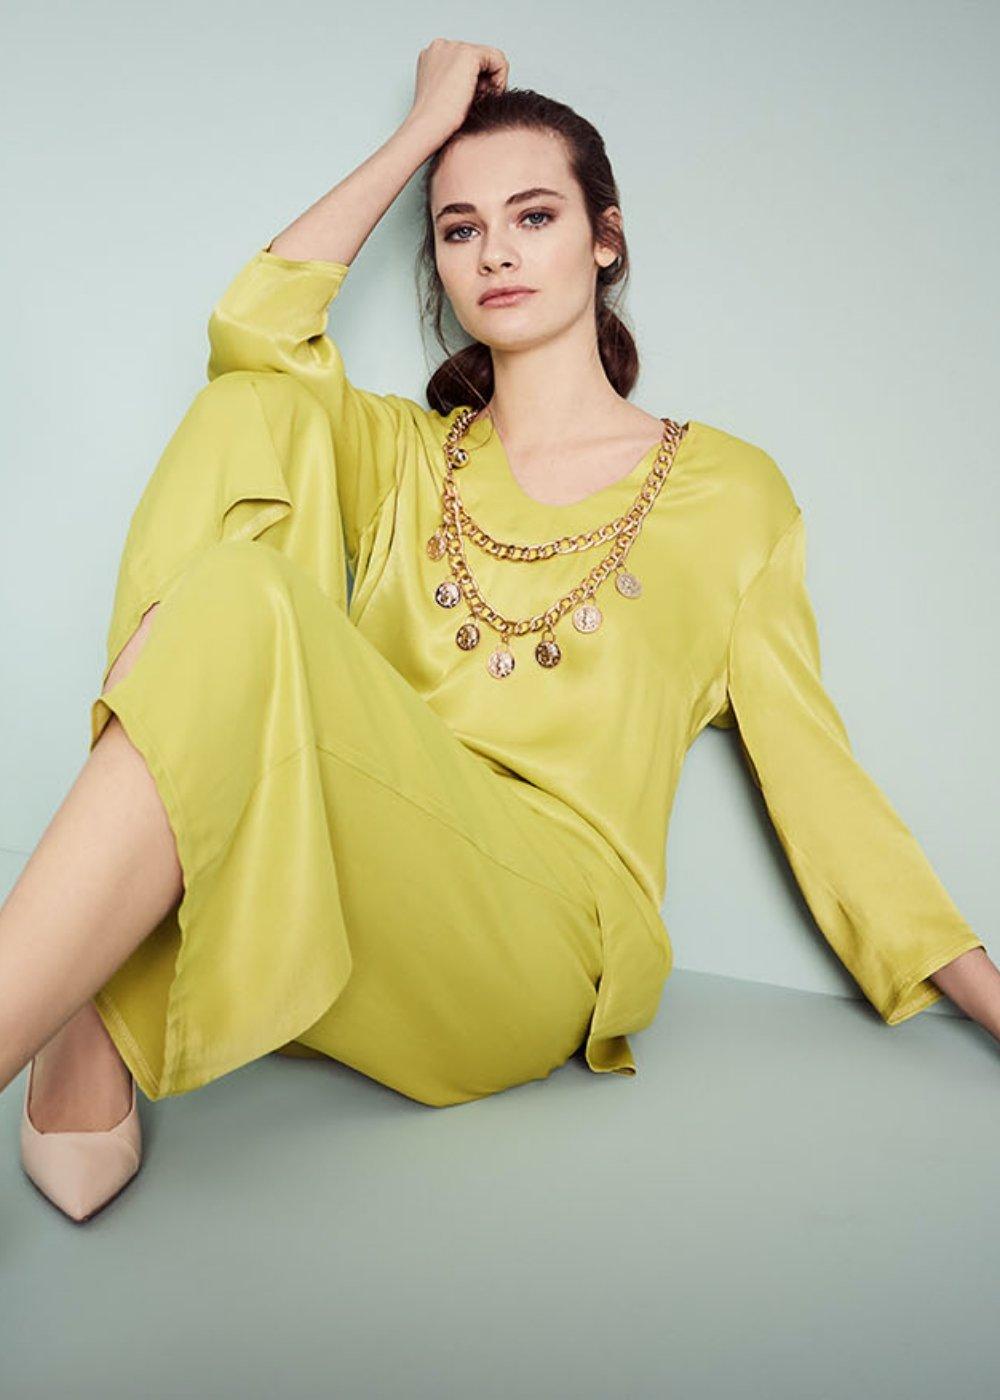 Megan citronella trousers - Citronelle - Woman